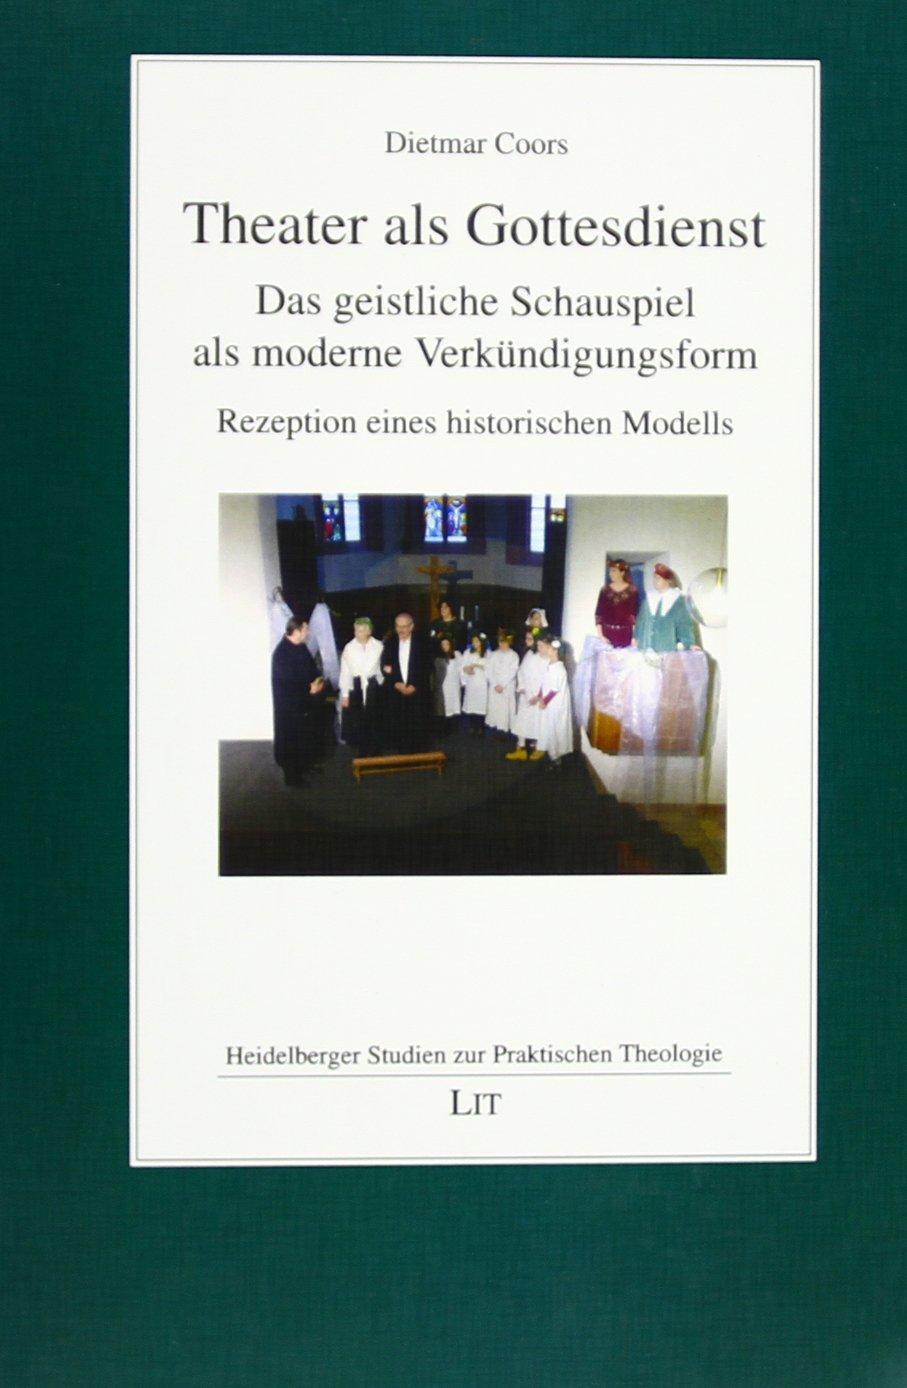 theater-als-gottesdienst-das-geistliche-schauspiel-als-moderne-verkndigungsform-rezeption-eines-historischen-modells